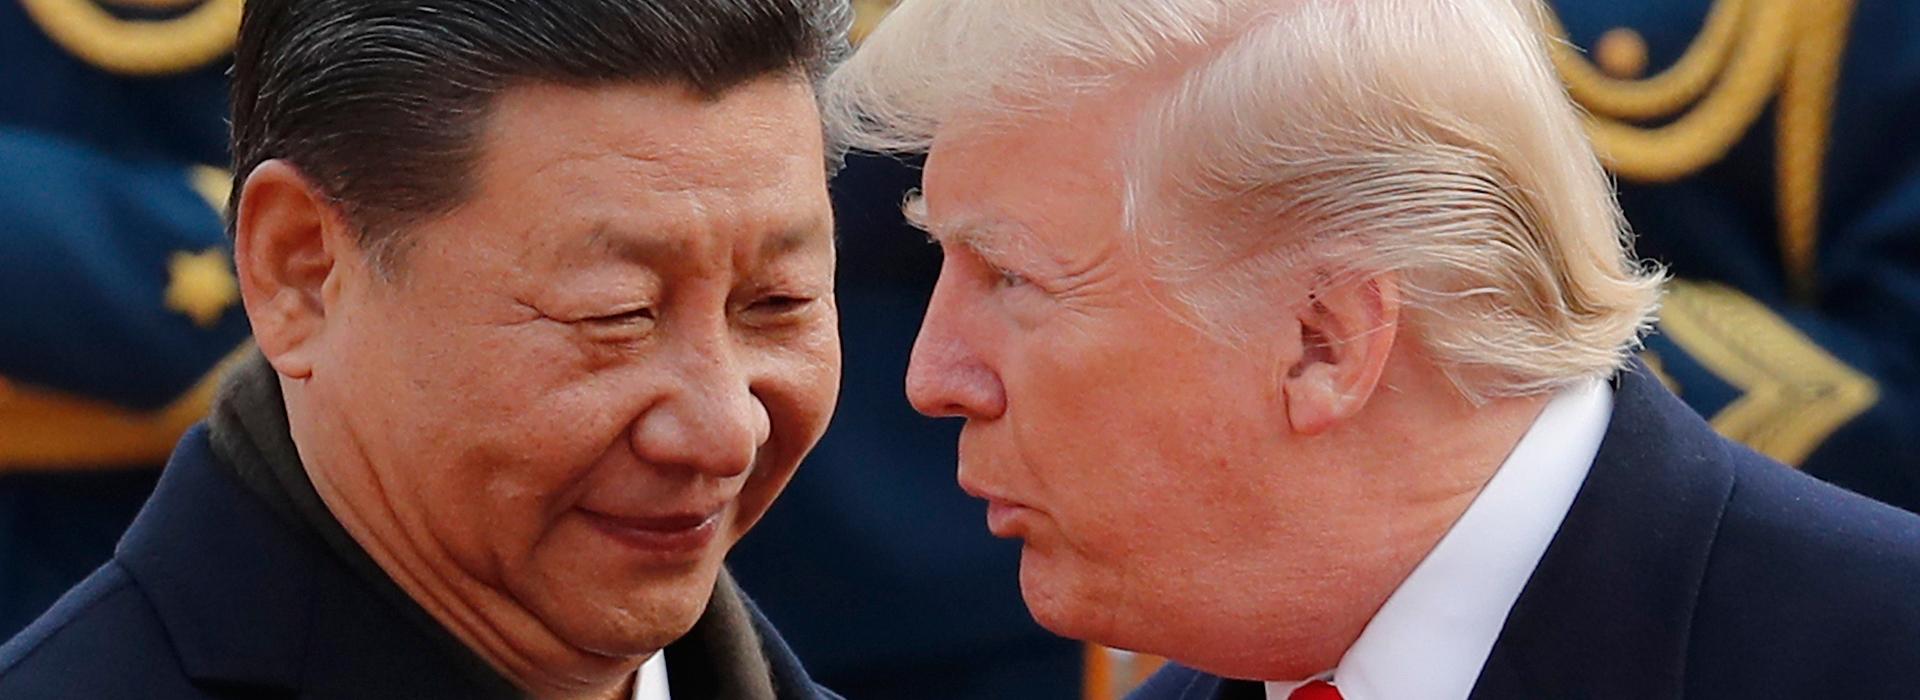 中國商務部反擊 中美貿易戰正式開打